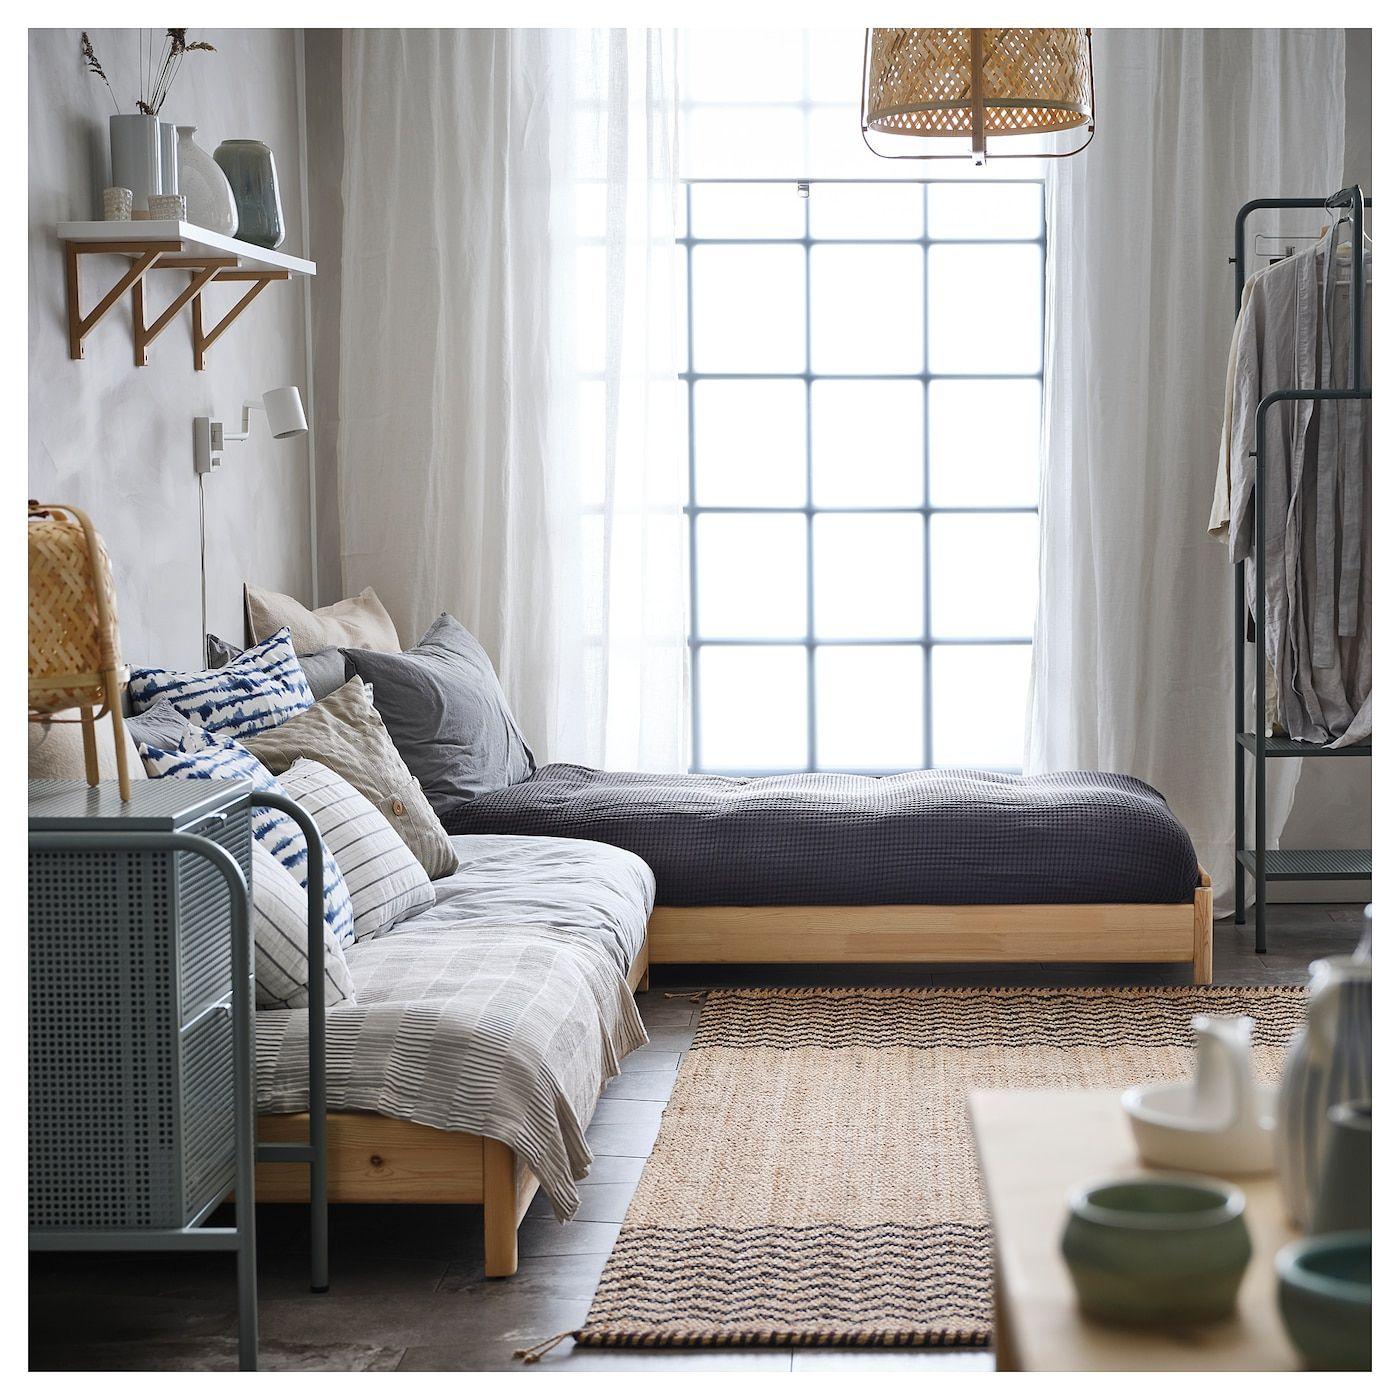 Utaker Stackable Bed With 2 Mattresses Pine Minnesund Twin Ikea In 2020 Guest Bedroom Ikea Bed Bedroom Vintage